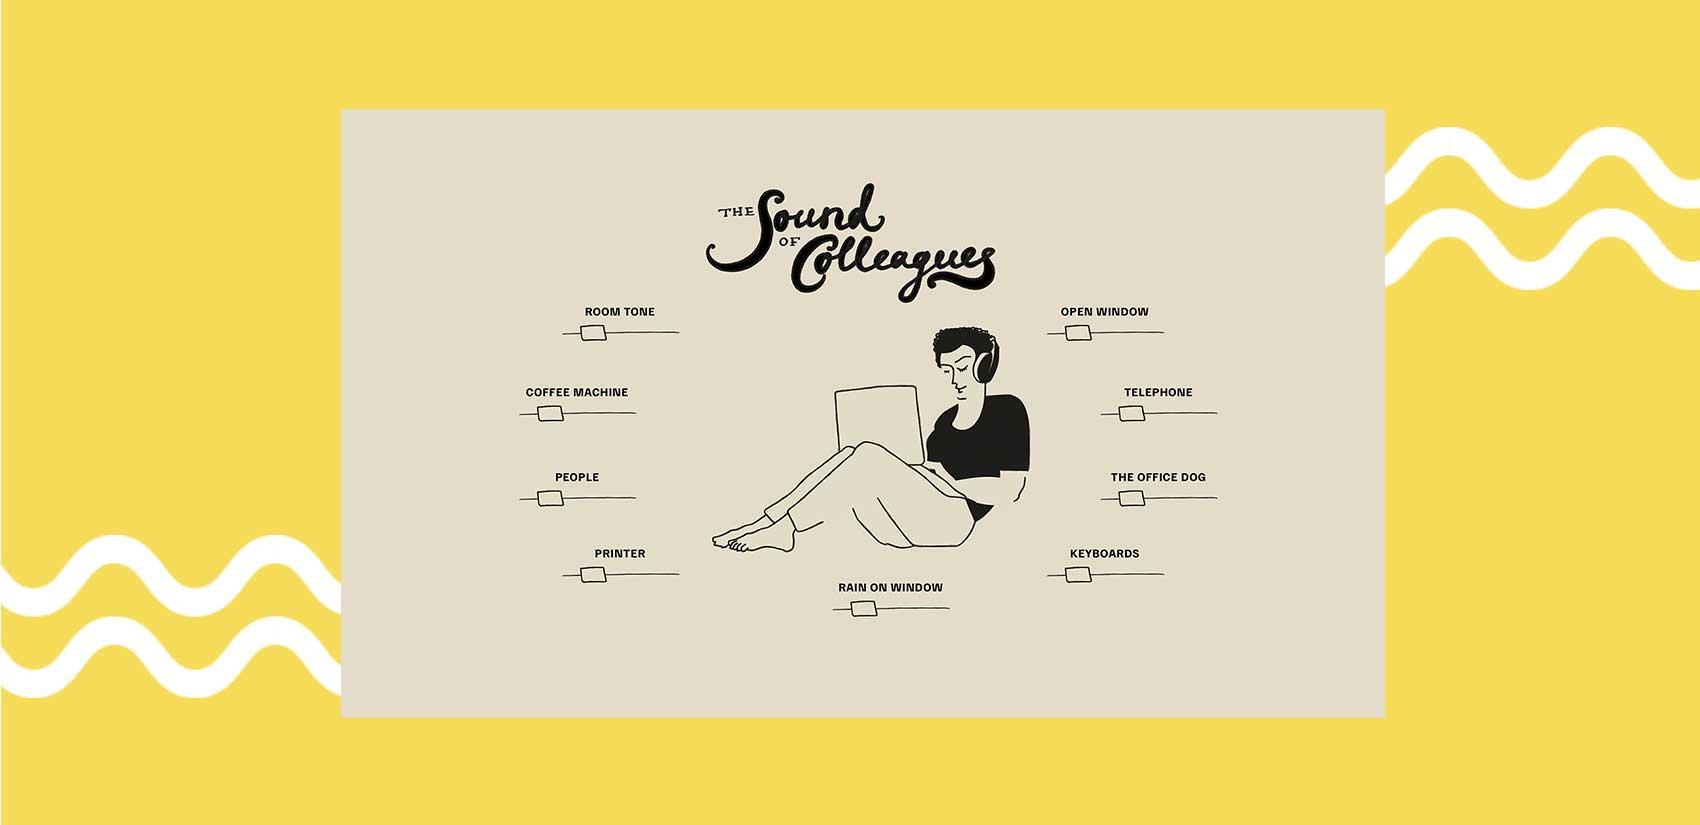 soundofcolleagues-audio-nouvelle-vague